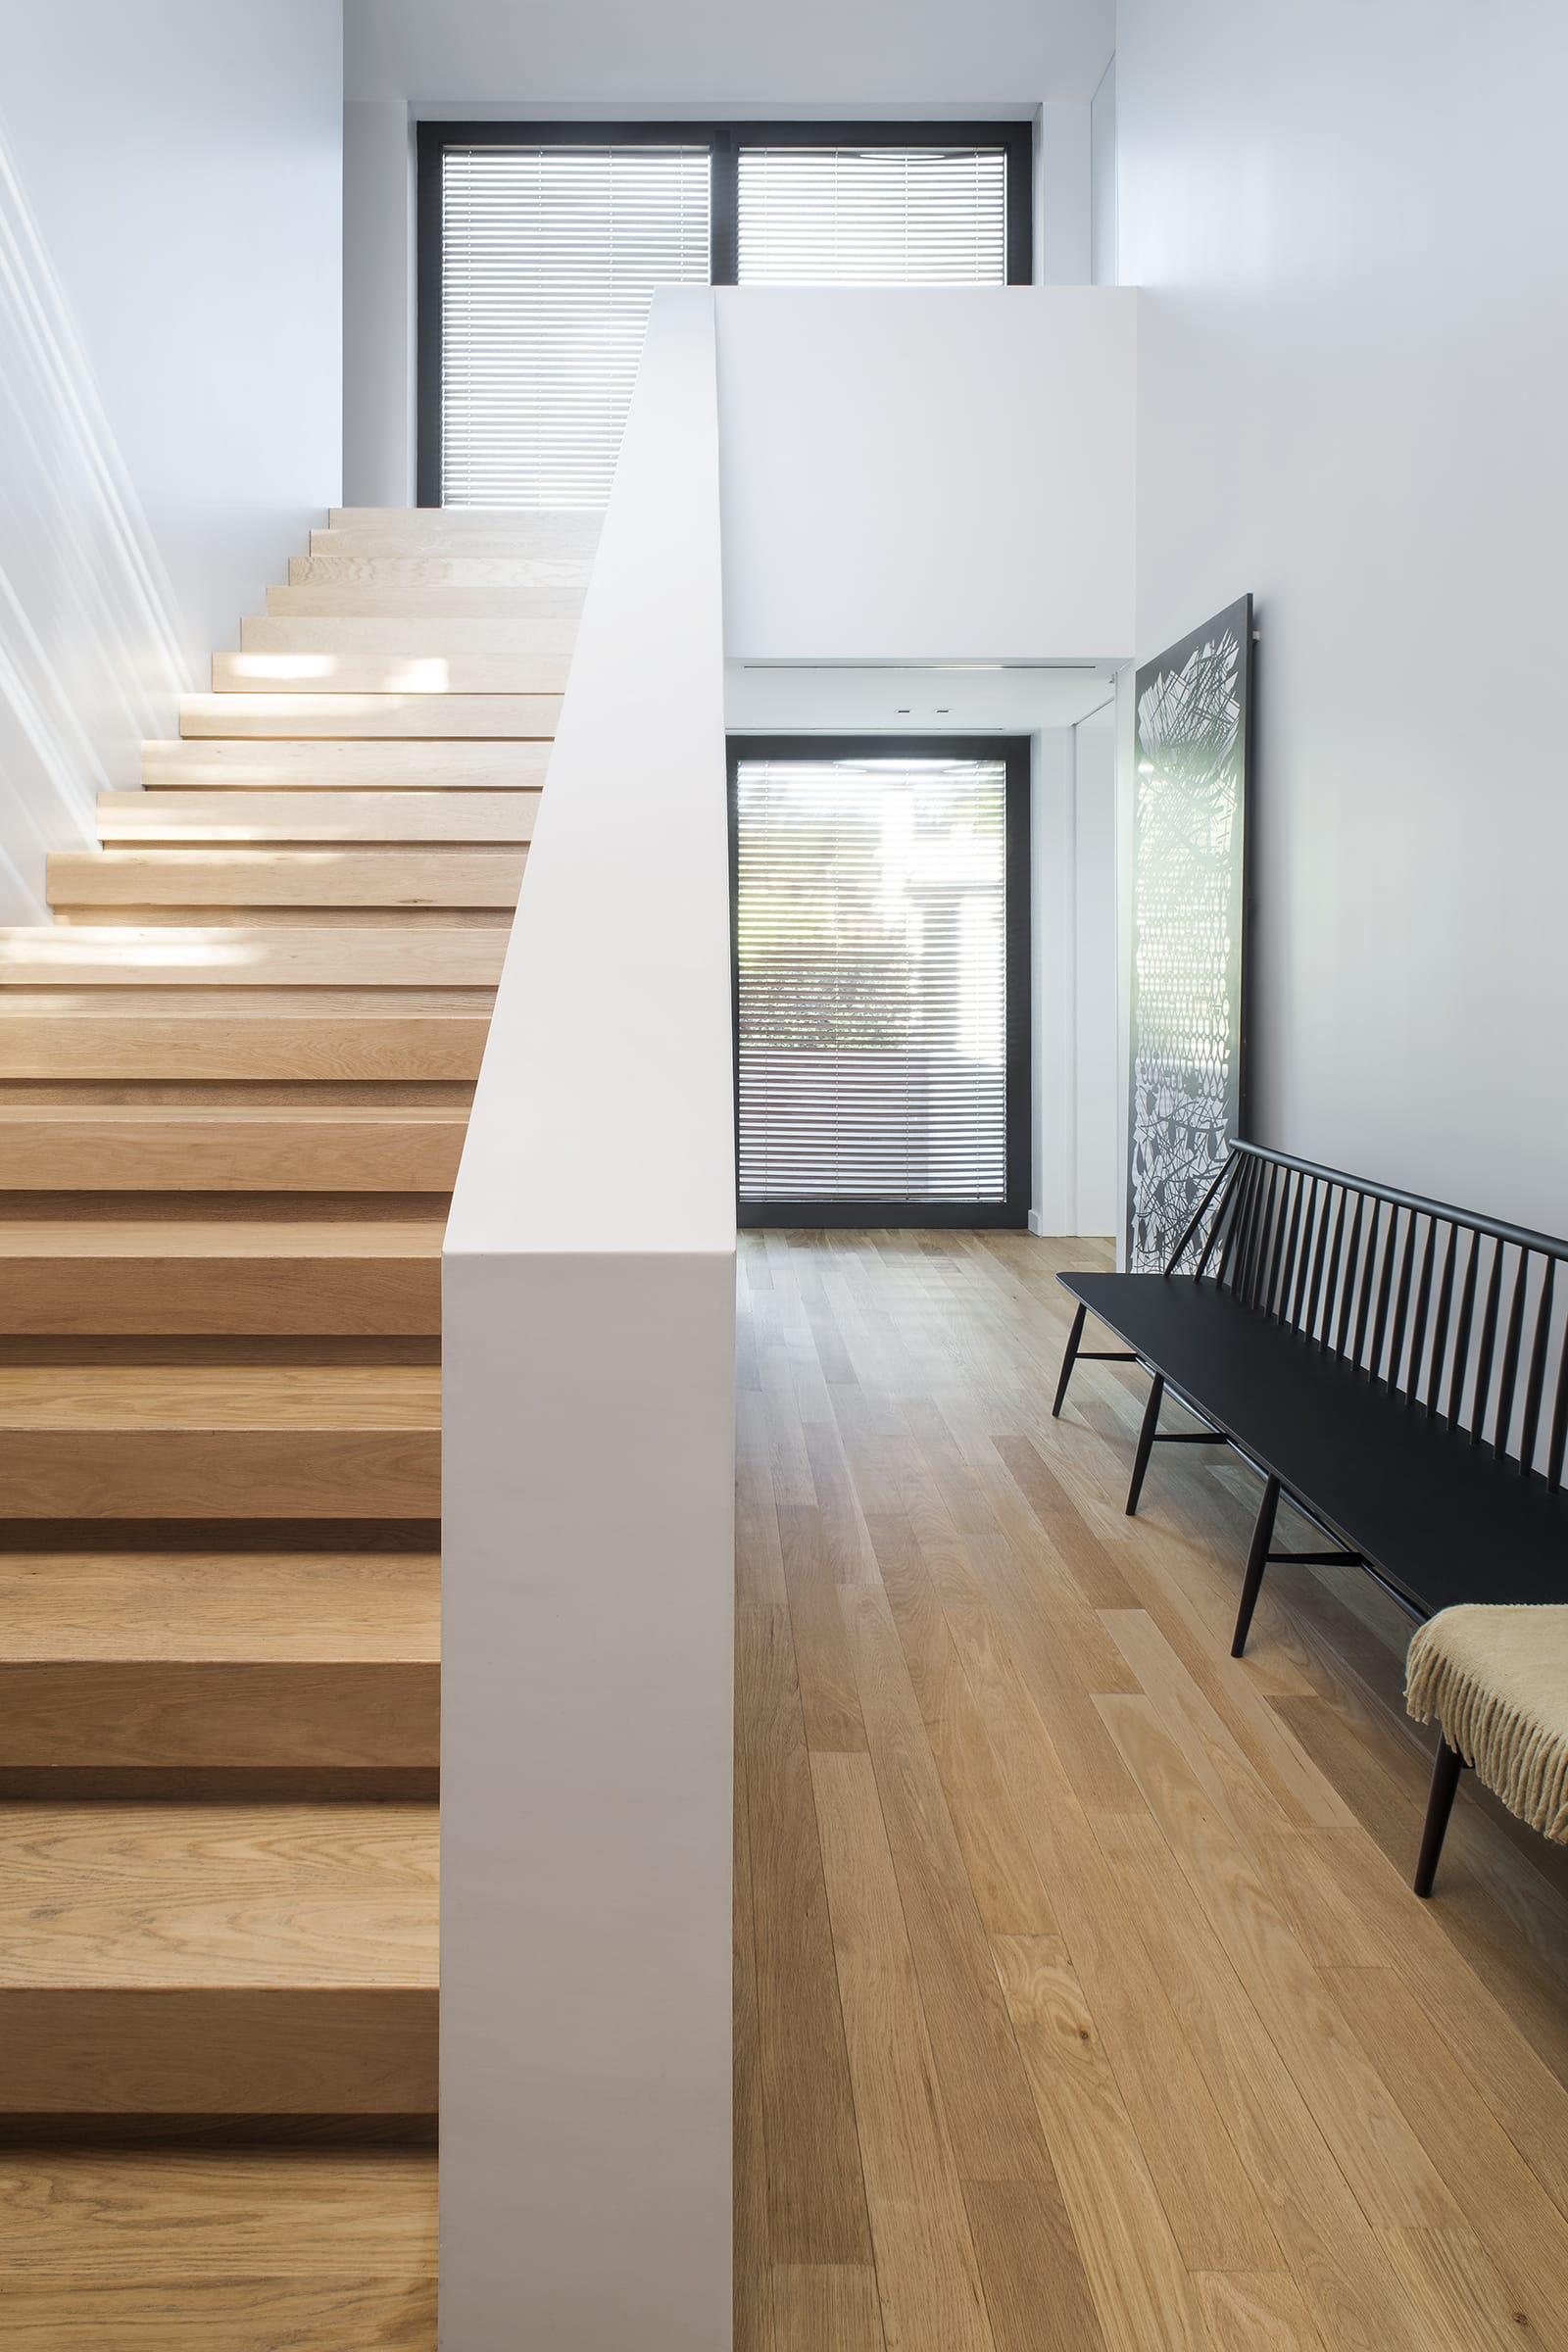 Una amplia escalera de peldaños de roble conduce a las habitaciones de la planta alta.